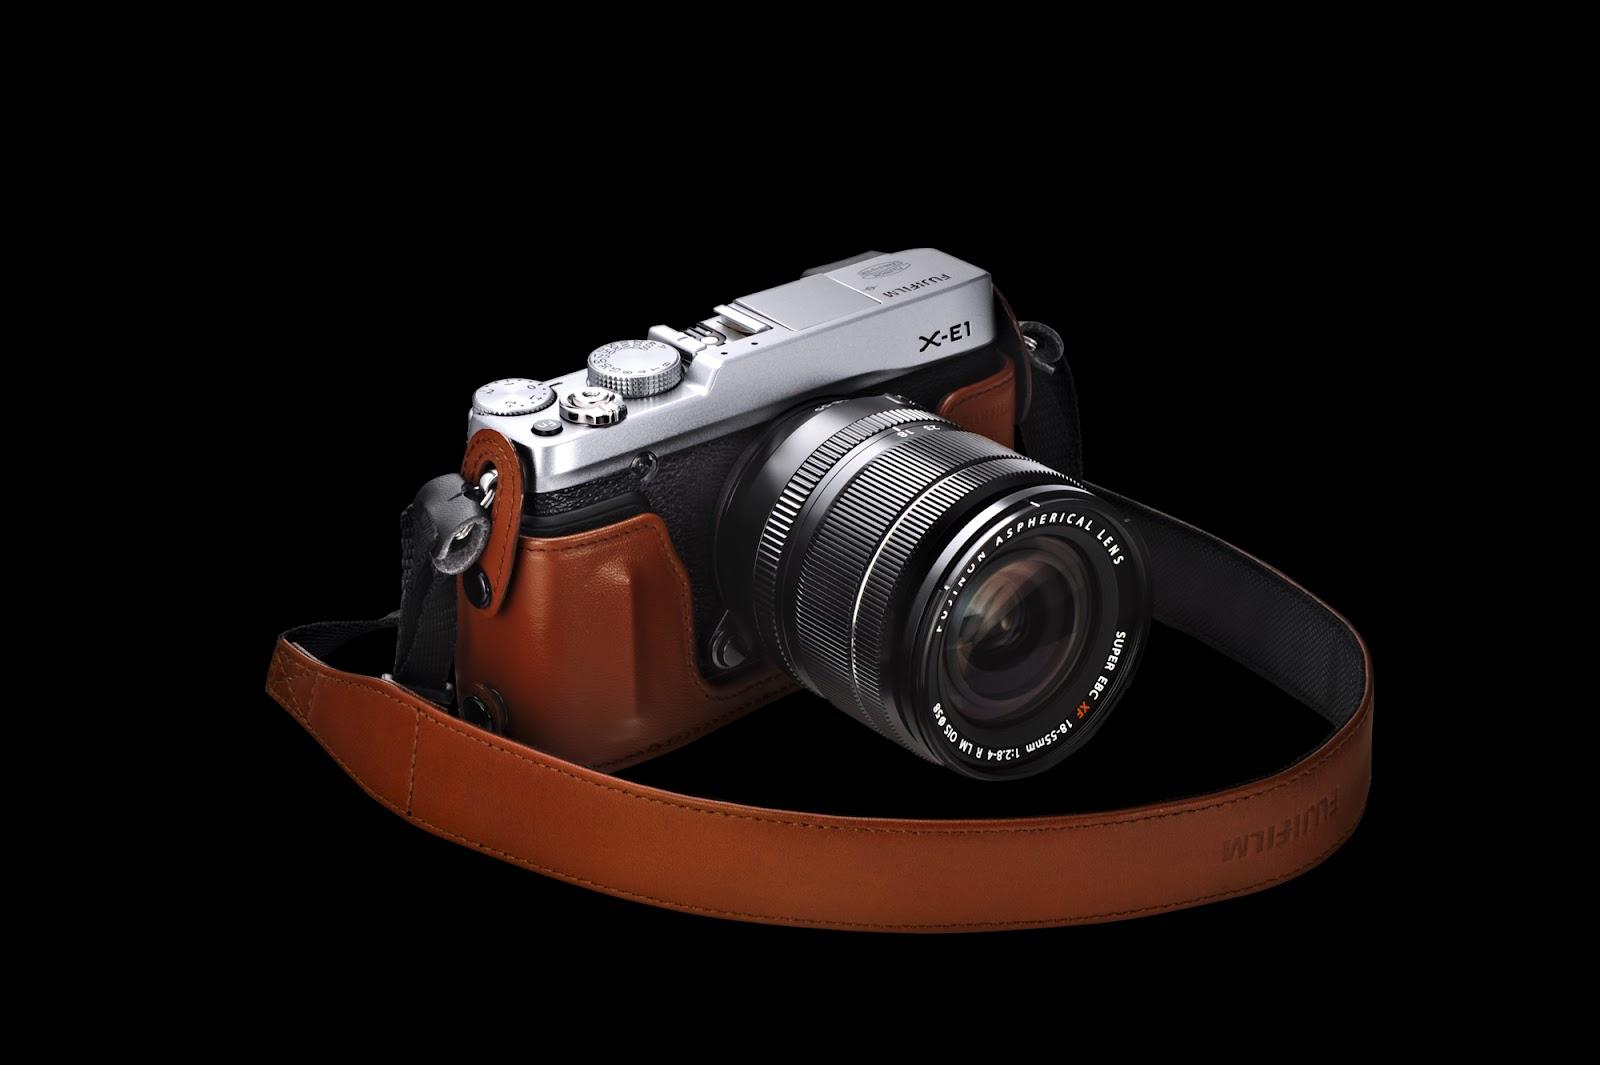 New Fujifilm X-E1 is Announced!